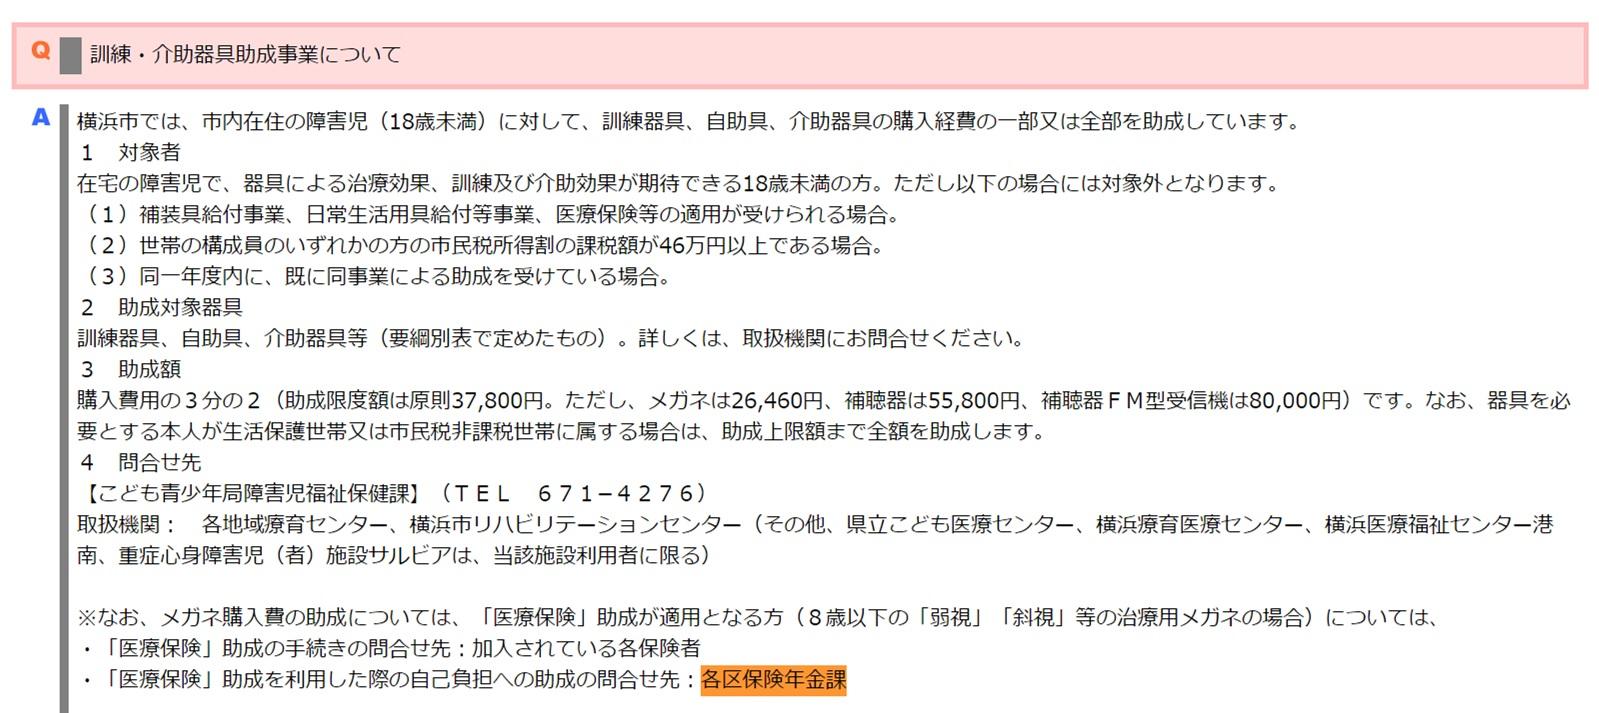 弱視眼鏡の助成・返還請求は横浜市の場合「各区の保険年金課になる」というイメージ画像